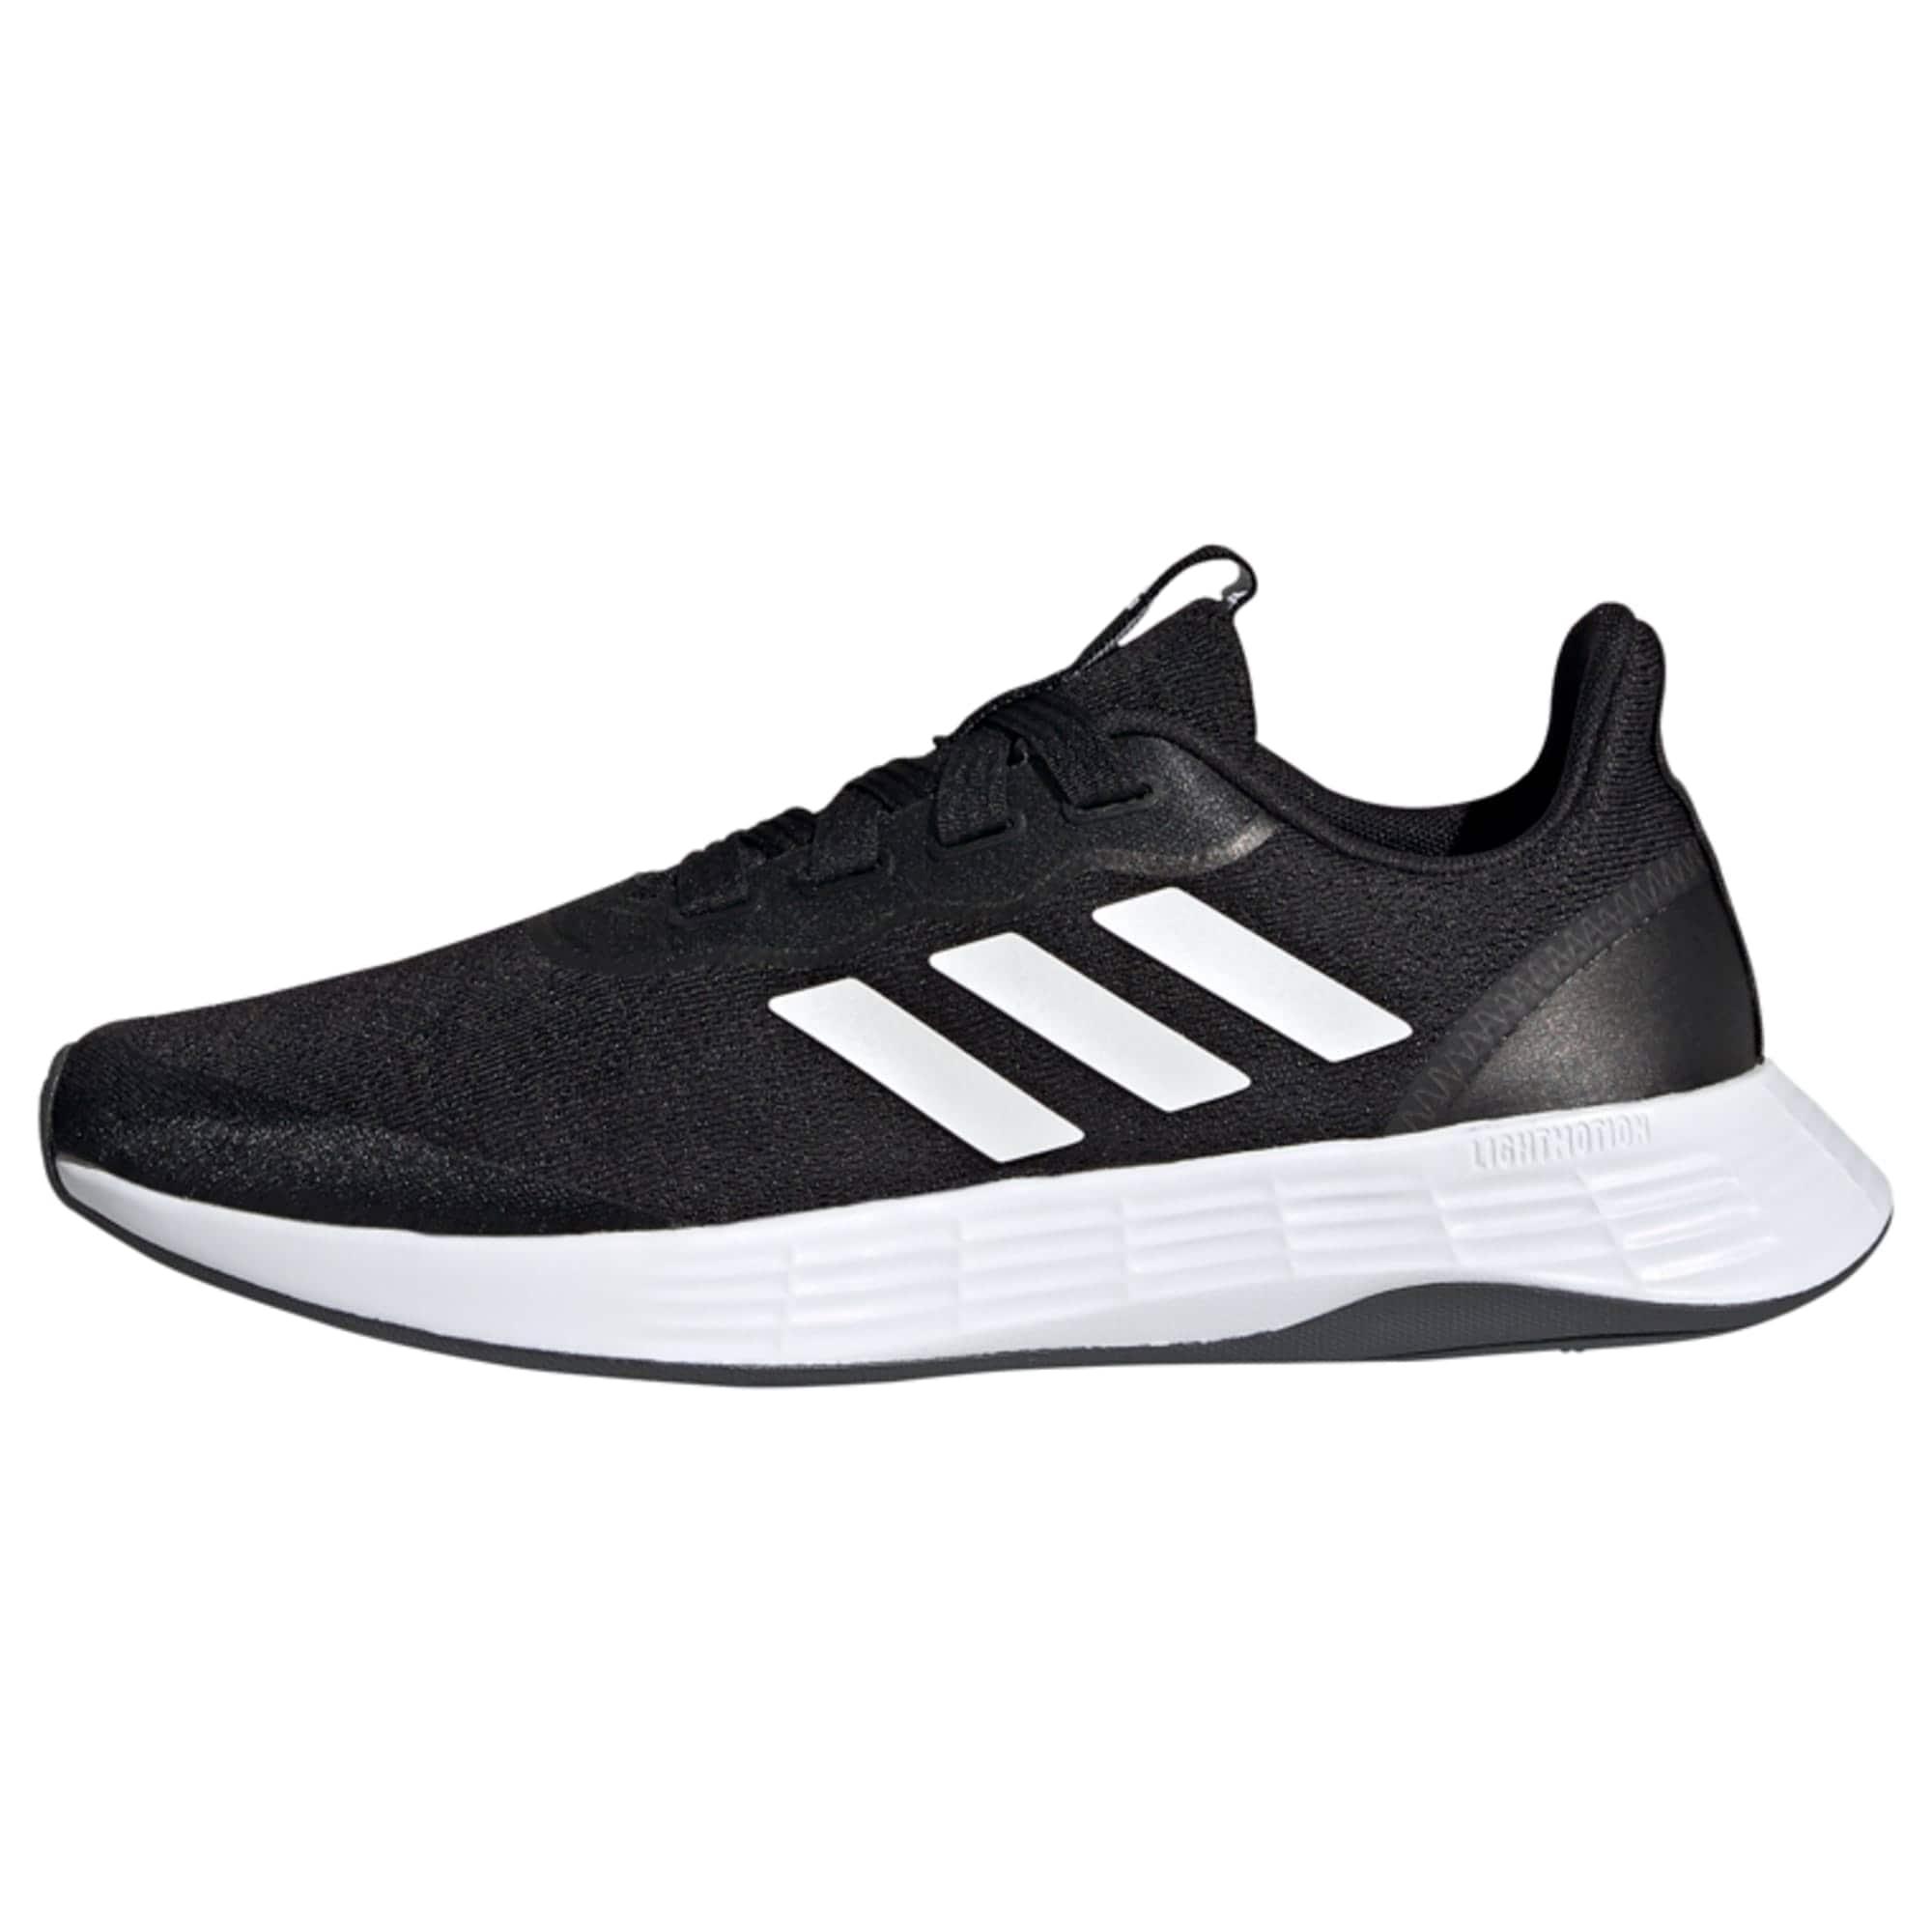 ADIDAS PERFORMANCE Chaussure de course  - Noir - Taille: 7.5 - female